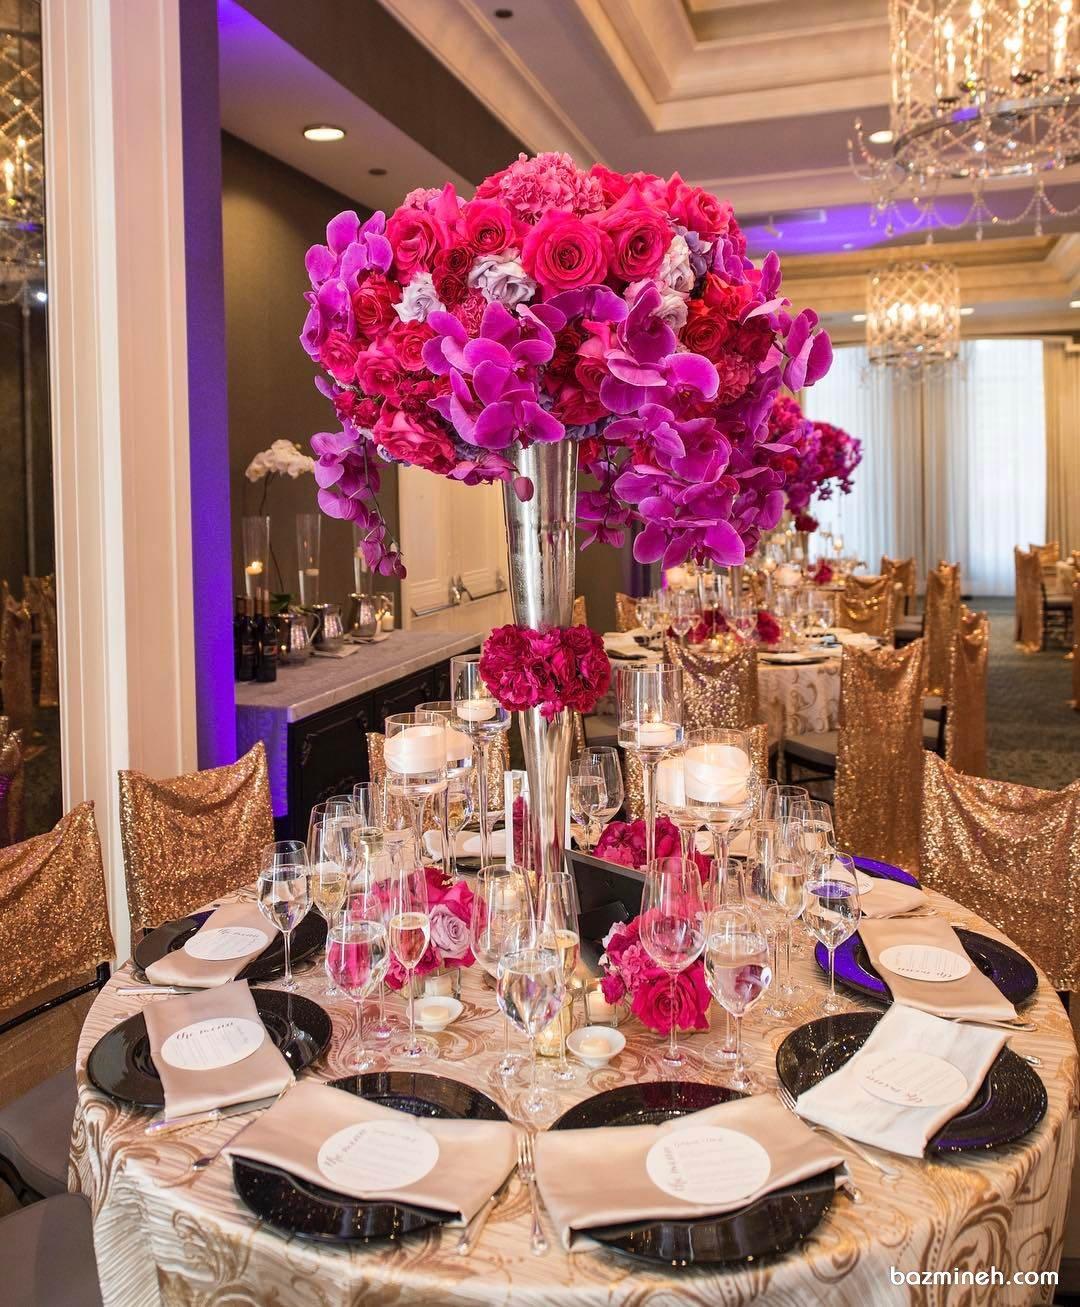 دیزاین زیبای میز پذیرایی مجالس باشکوه با گل های رز و ارکیده صورتی